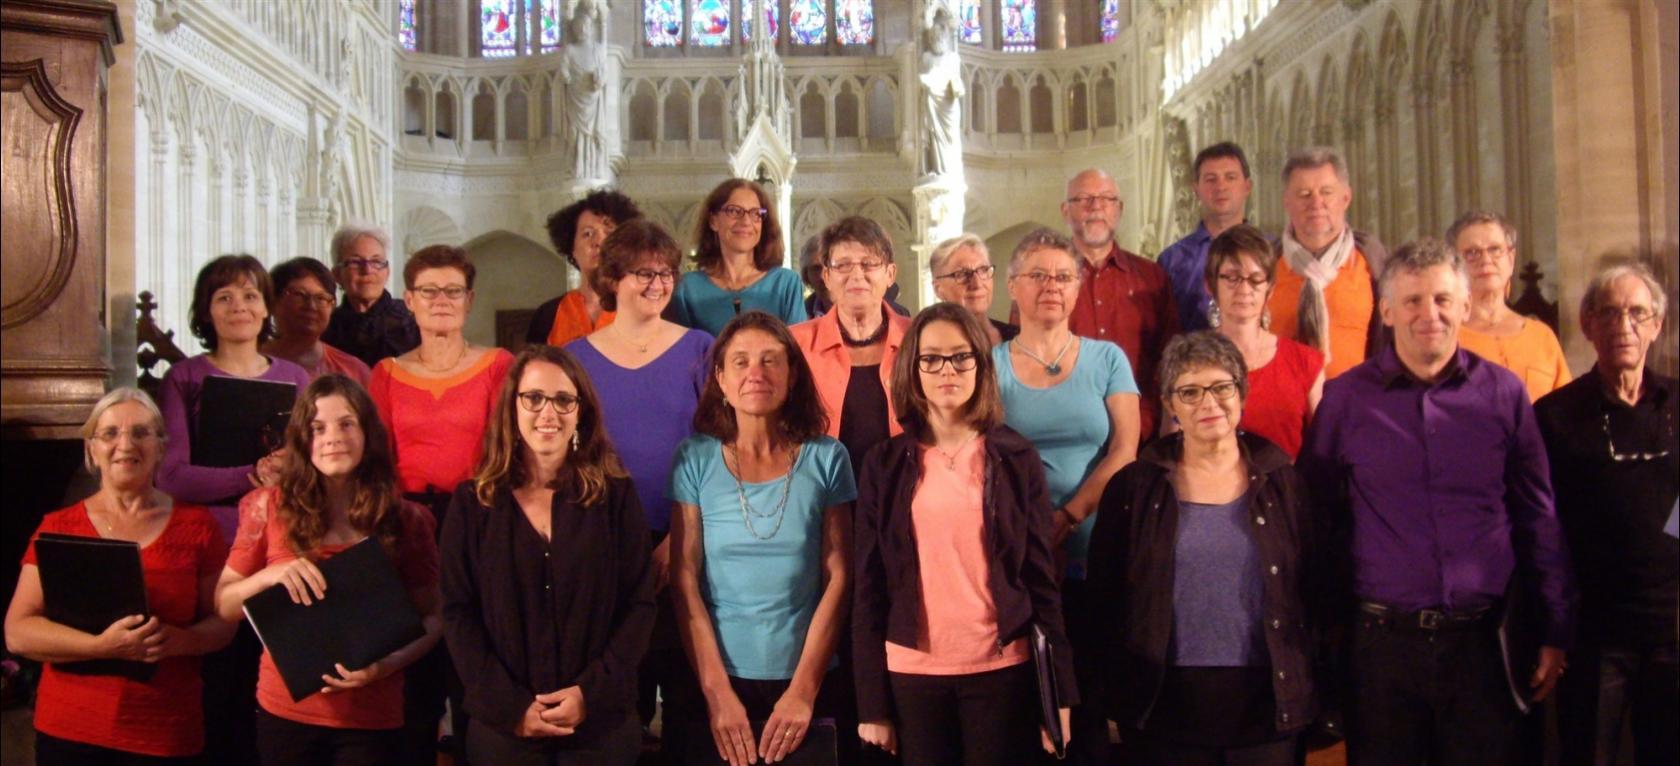 Le p'tit chœur l'Orphéon Bayeux Blay